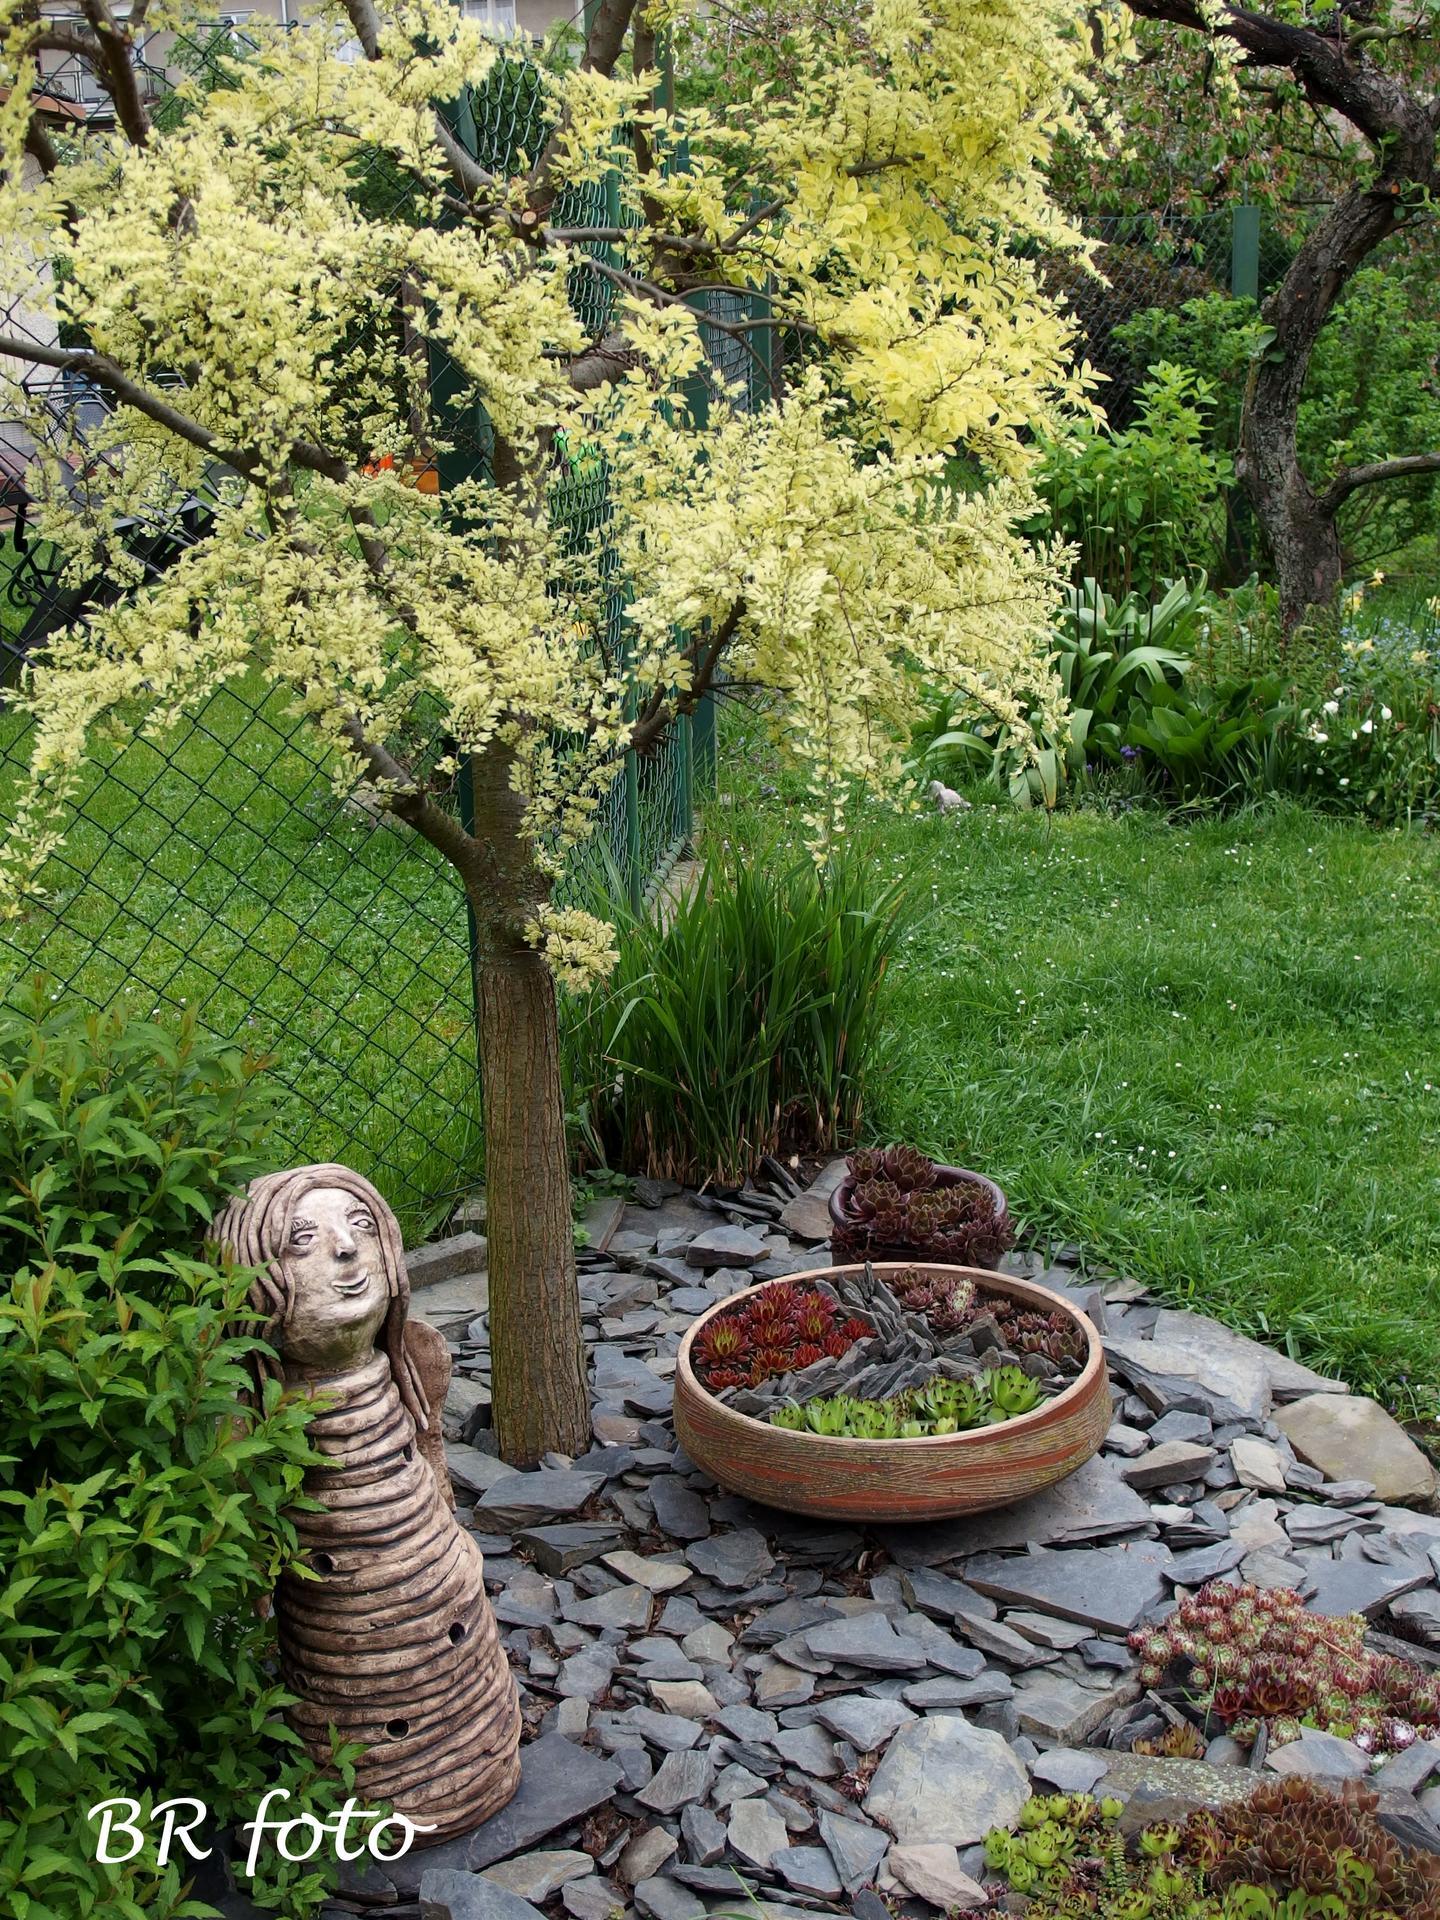 Pozvání do zahrady 2021 - jilm Giesha - listy později zezelenají